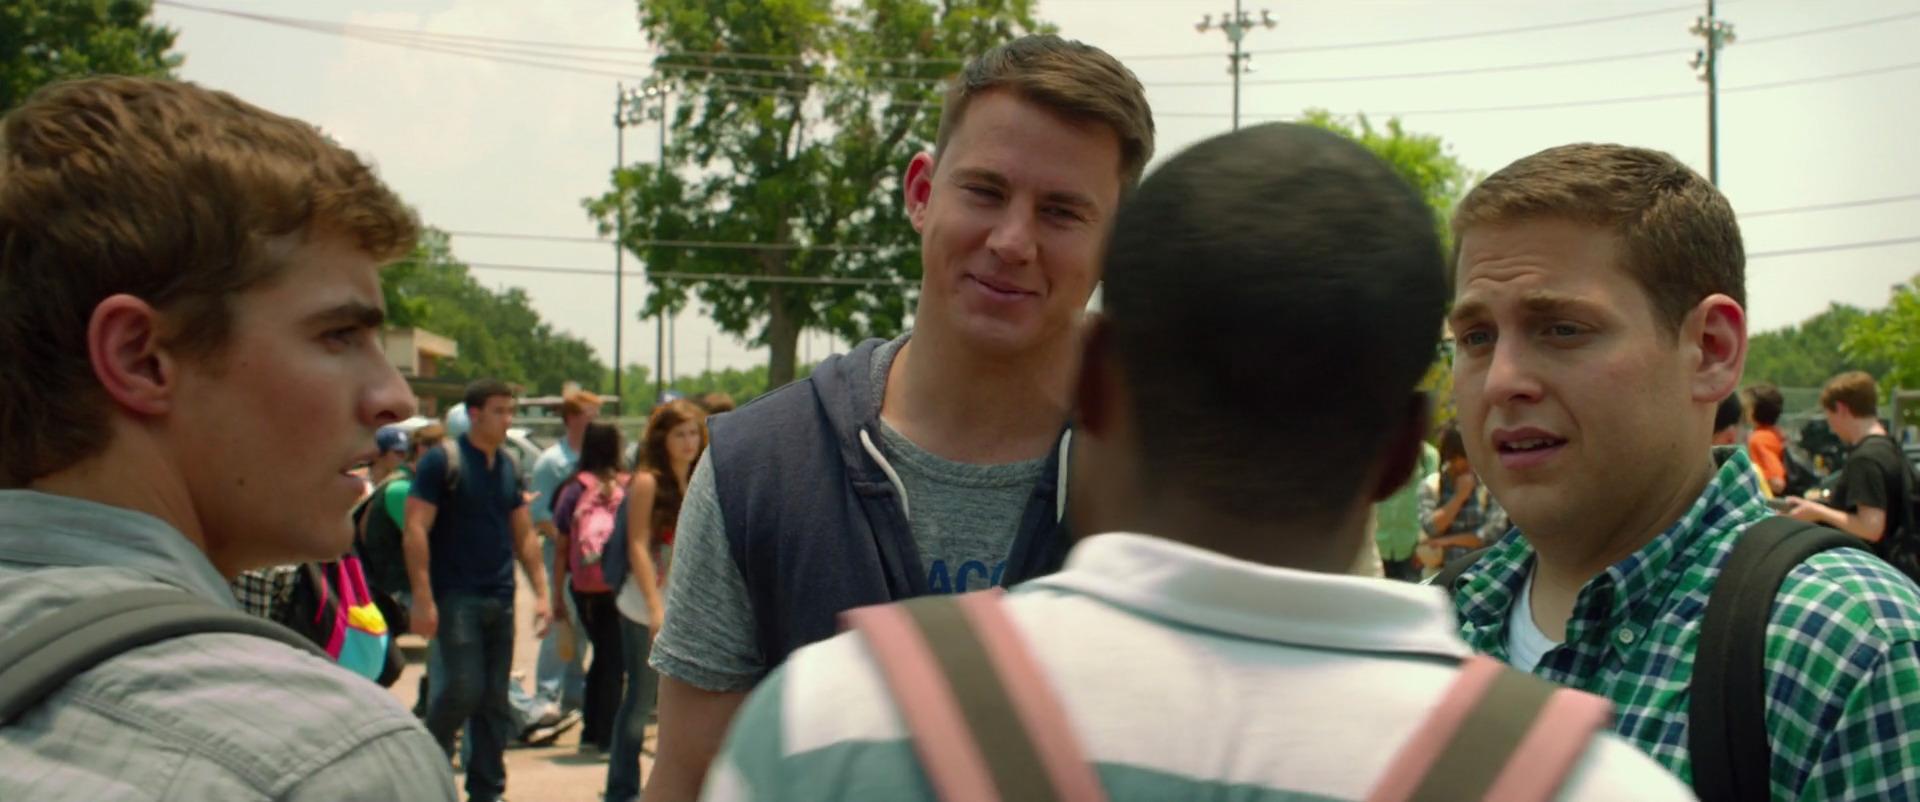 21 Jump Street 2012  Rotten Tomatoes